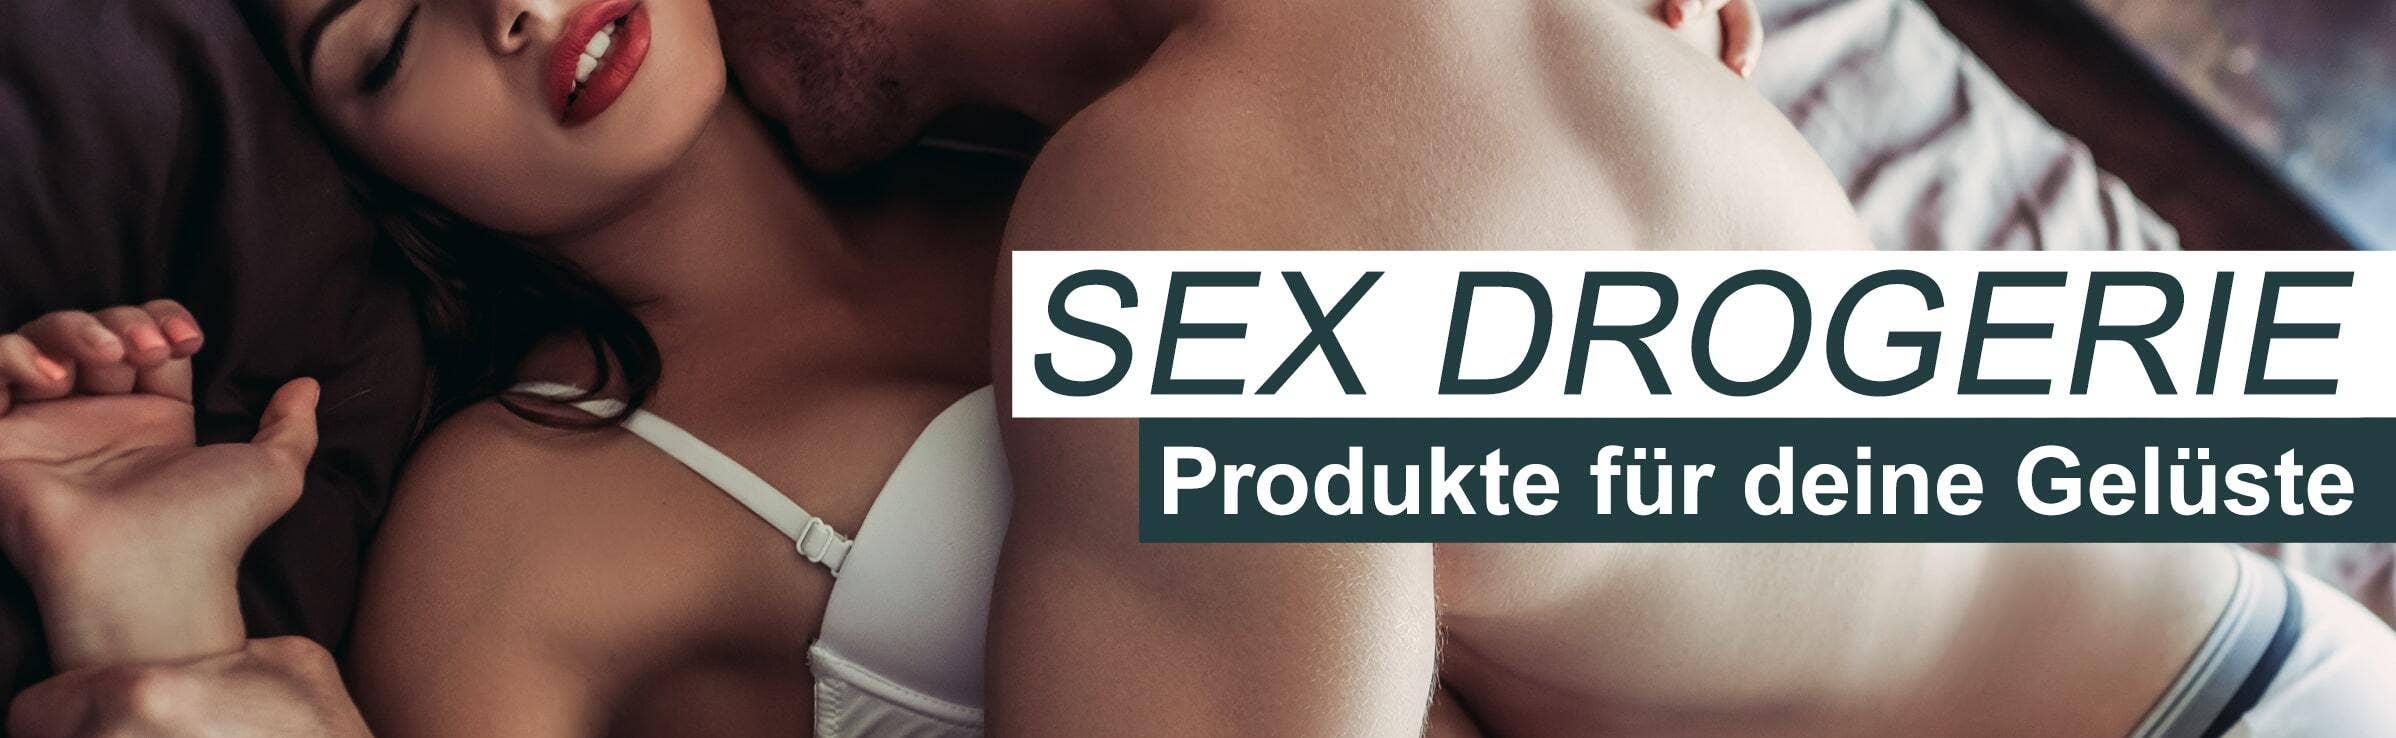 Kategorie Sex Drogerie - Für mehr Spaß beim Sex